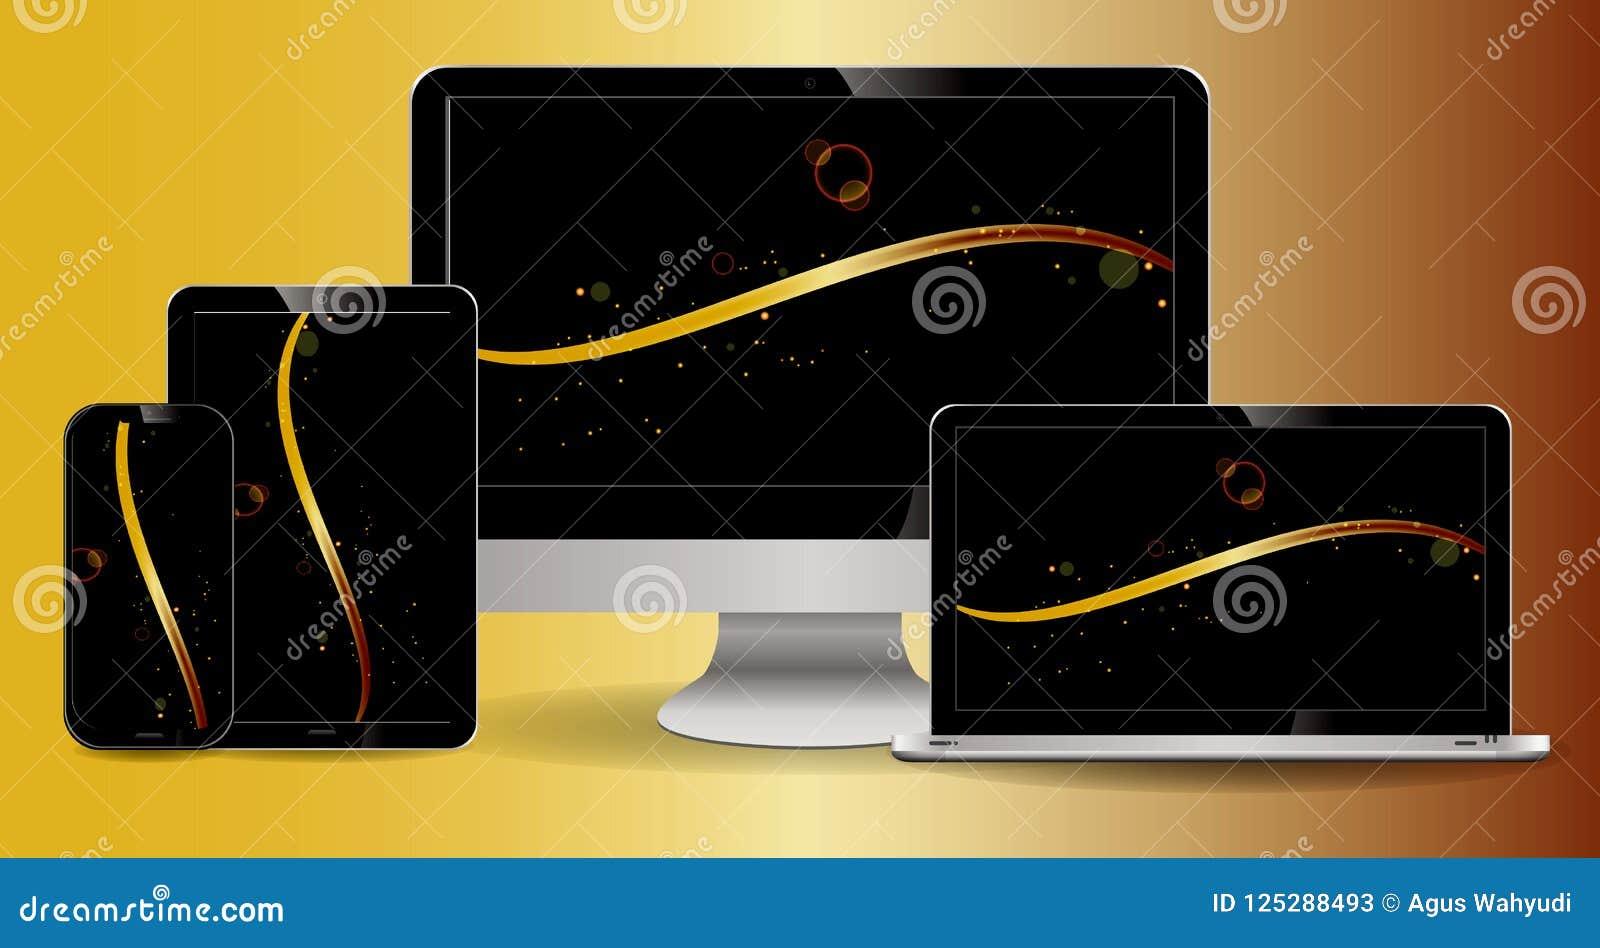 Satz Laptop, Tablette, Computer lcd, Smartphone mit lcd-Anzeige mit klarer Anzeige und modernes Design-lokalisiertes Grau